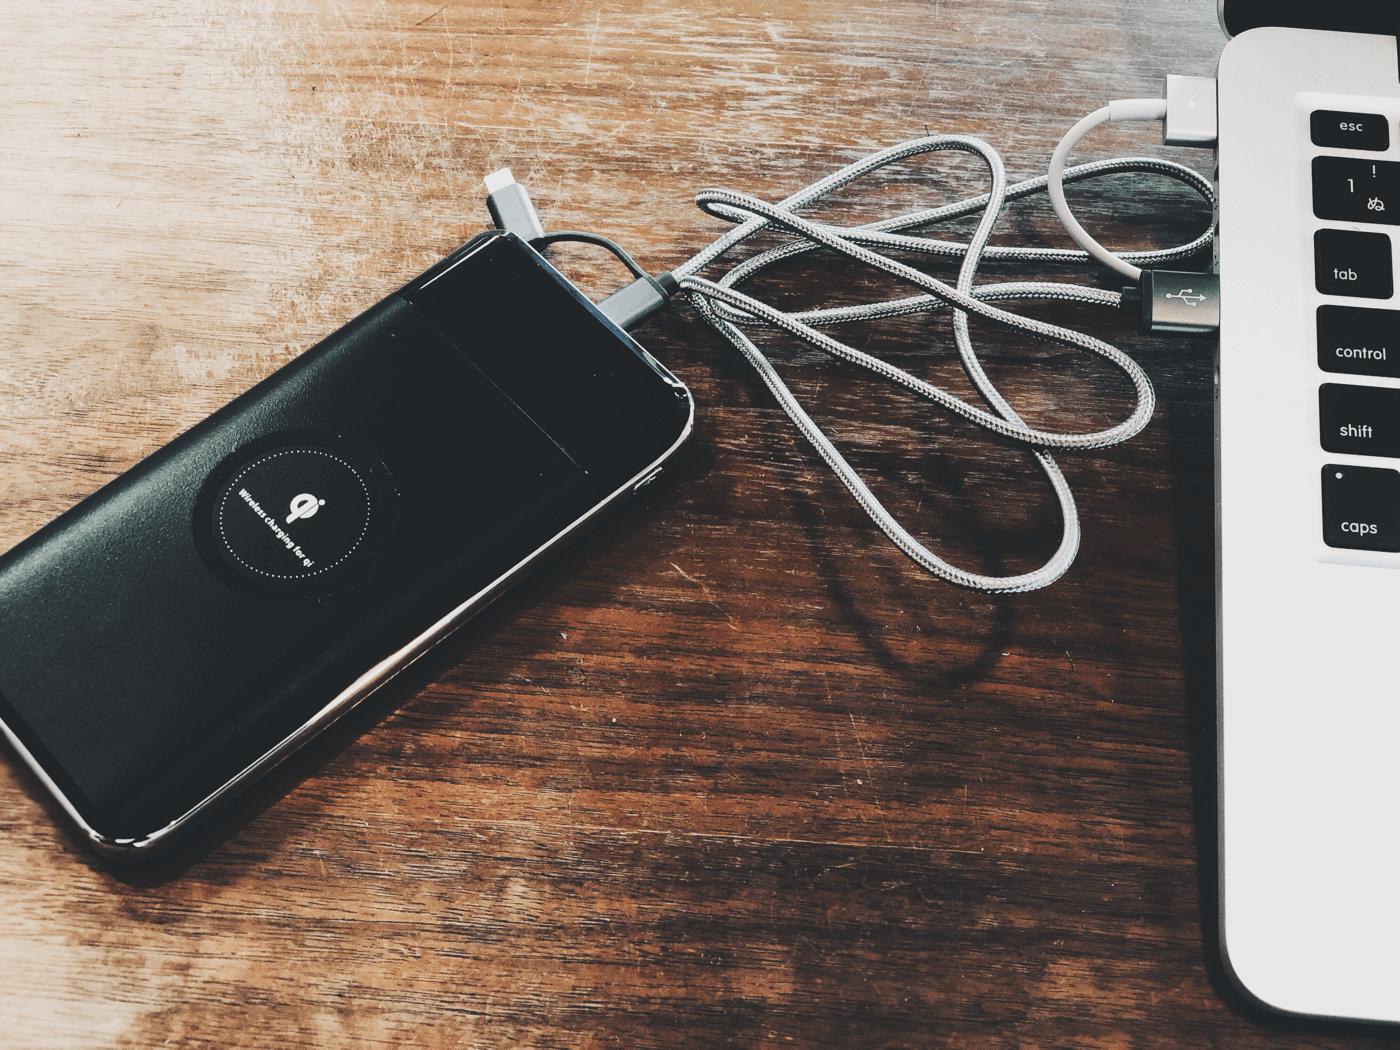 ケーブルだらけだったのをライトニングとmicro USBの2in1 ケーブルにしたら解決